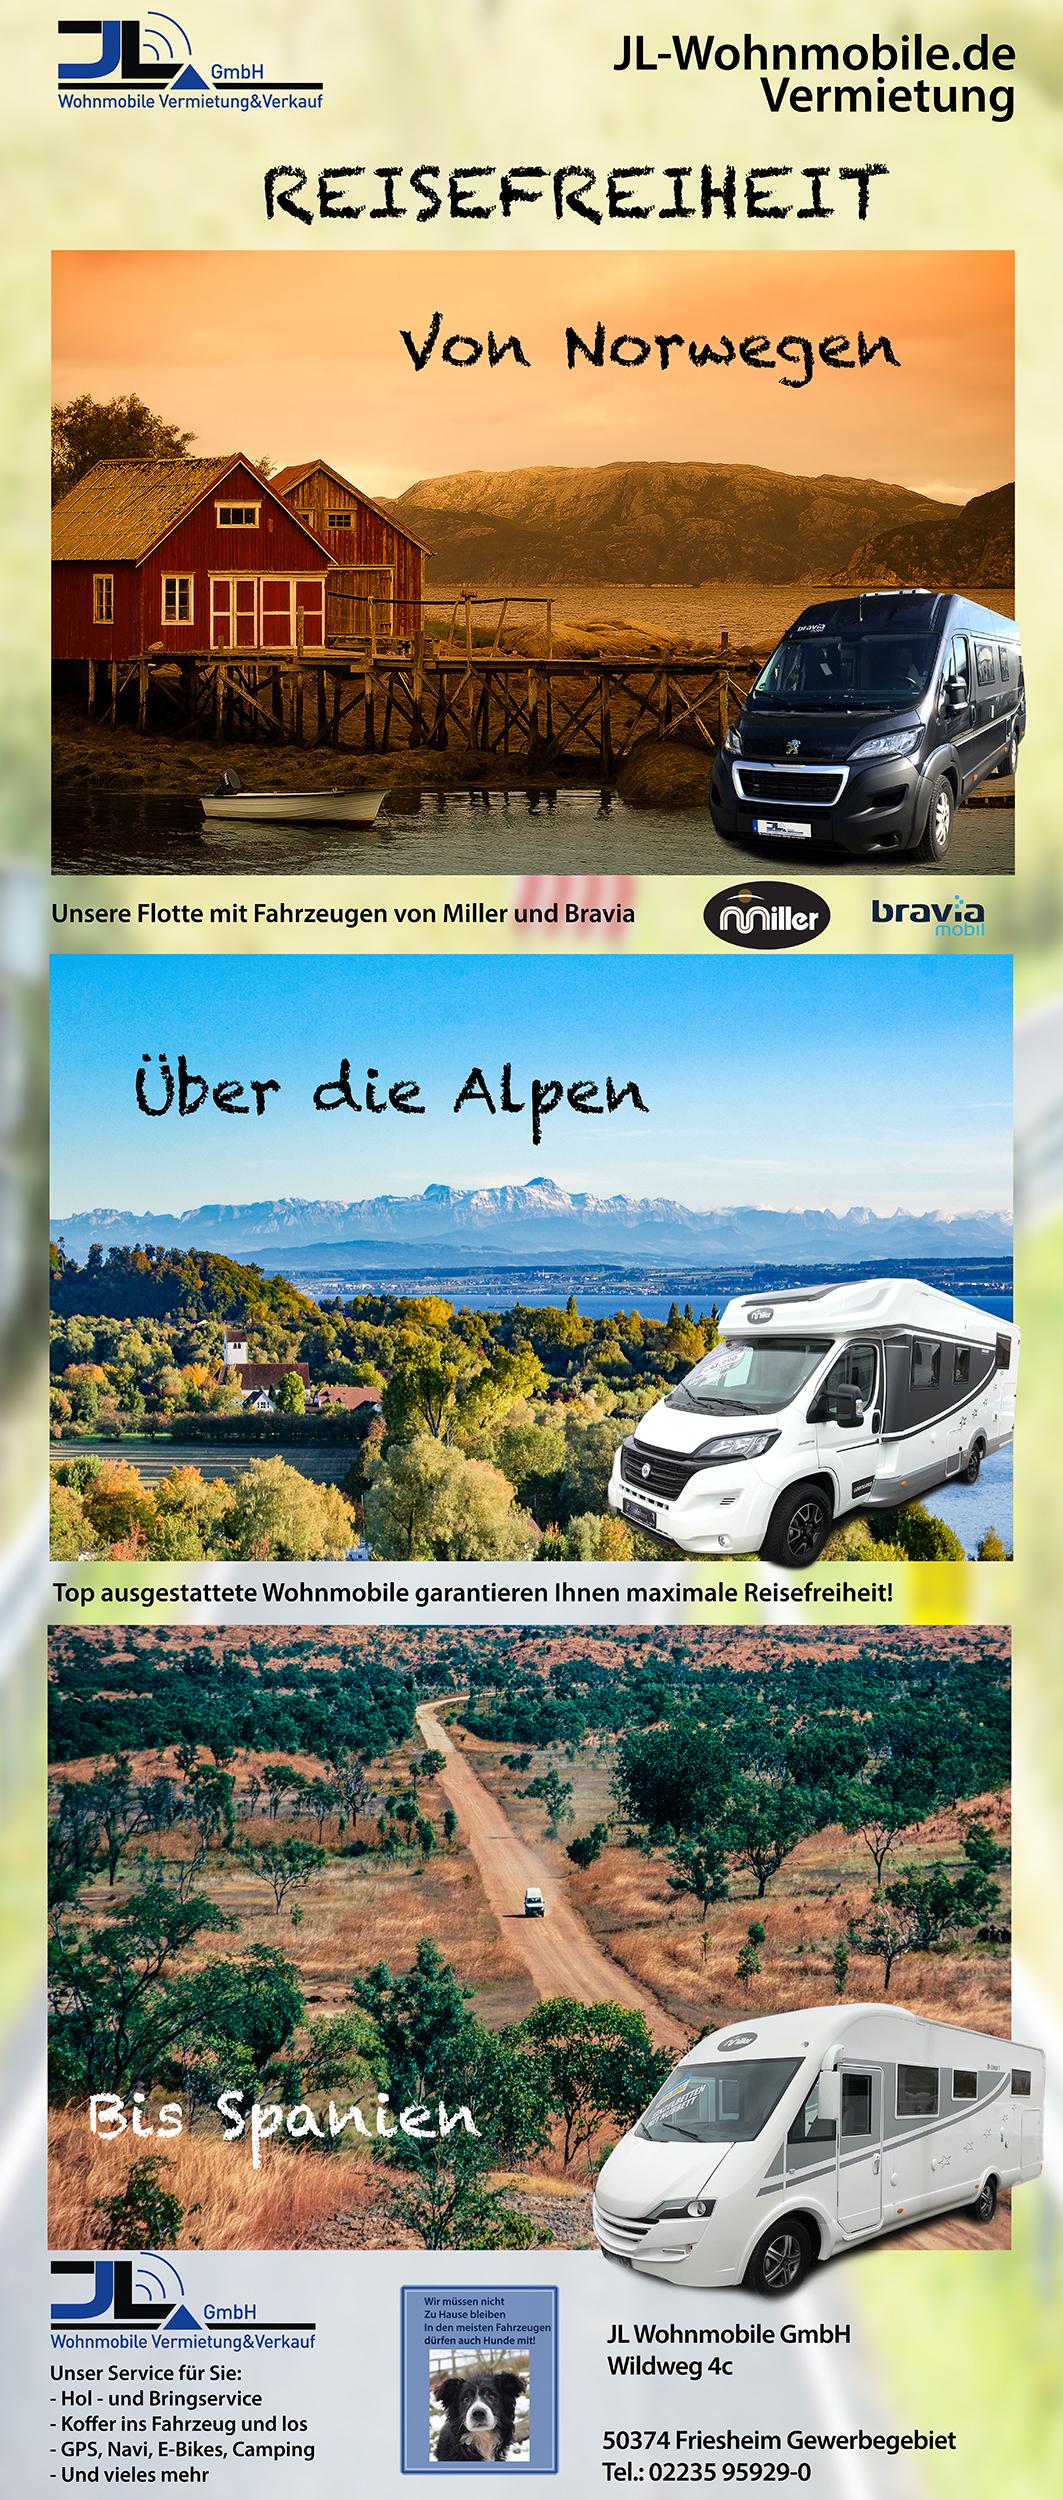 www.jl-wohnmobile.de